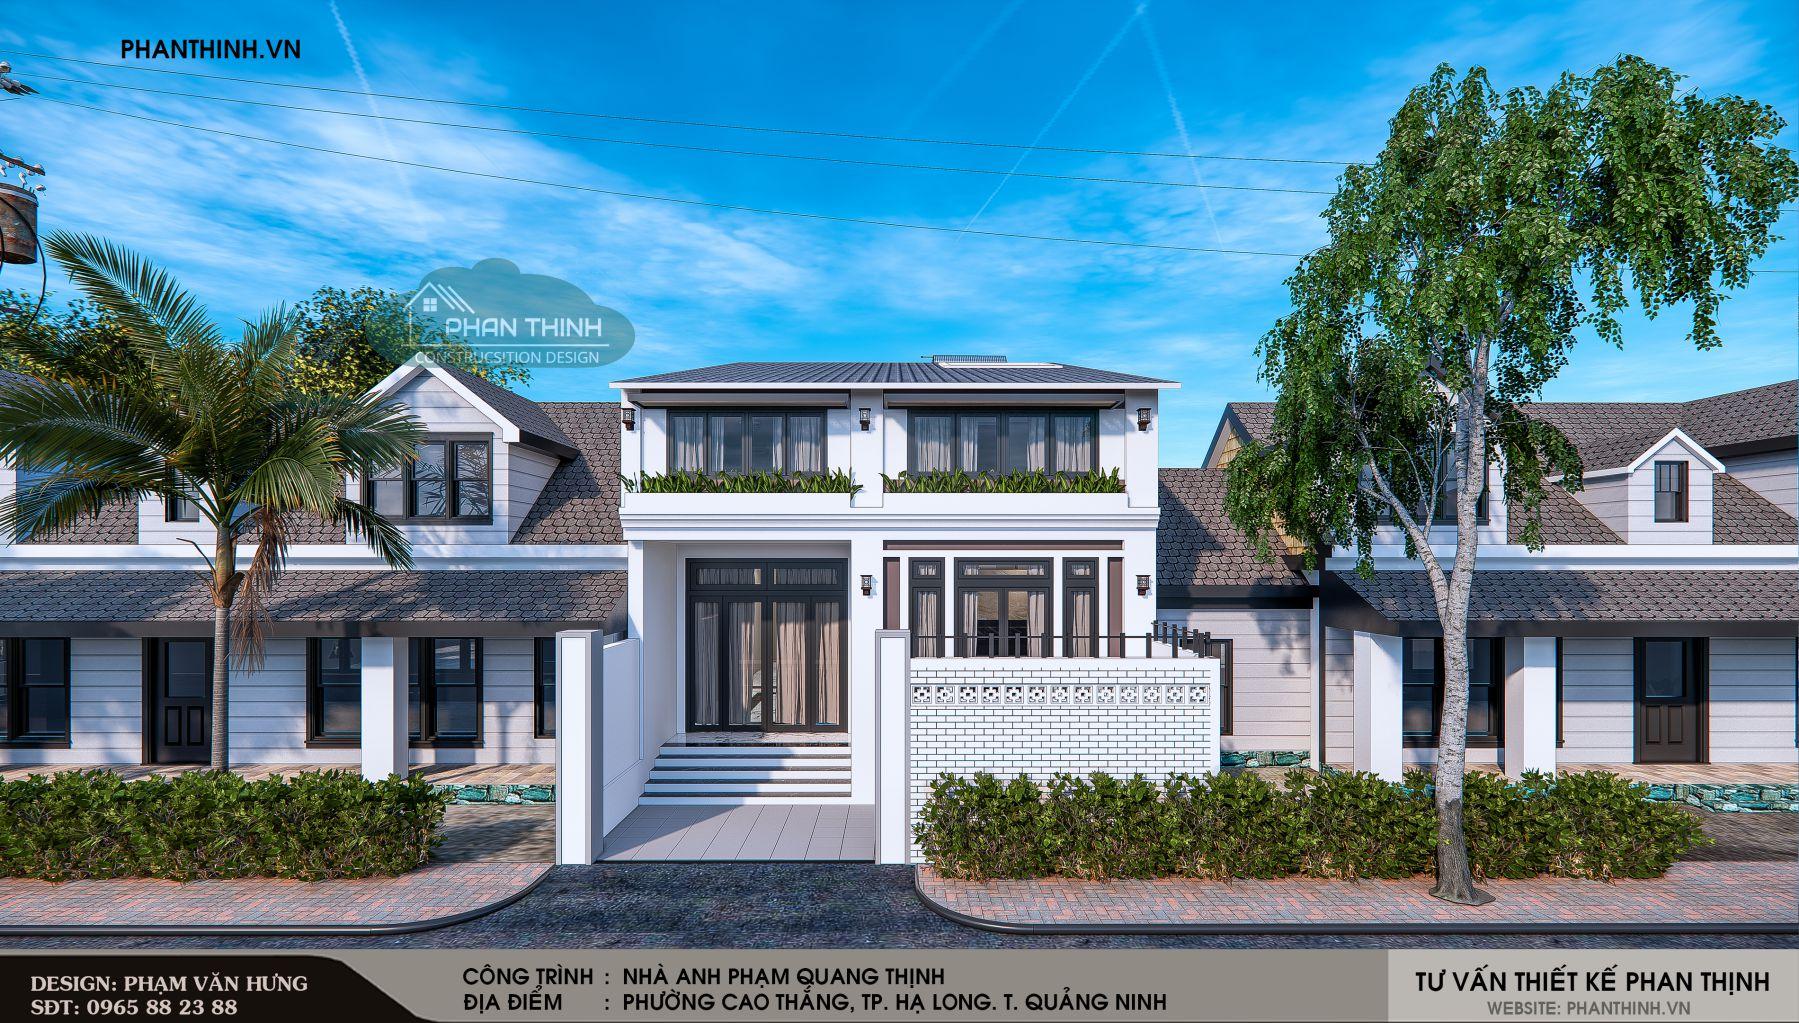 Thiết kế mặt tiền căn nhà 2 tầng mái thái tại Quảng Ninh